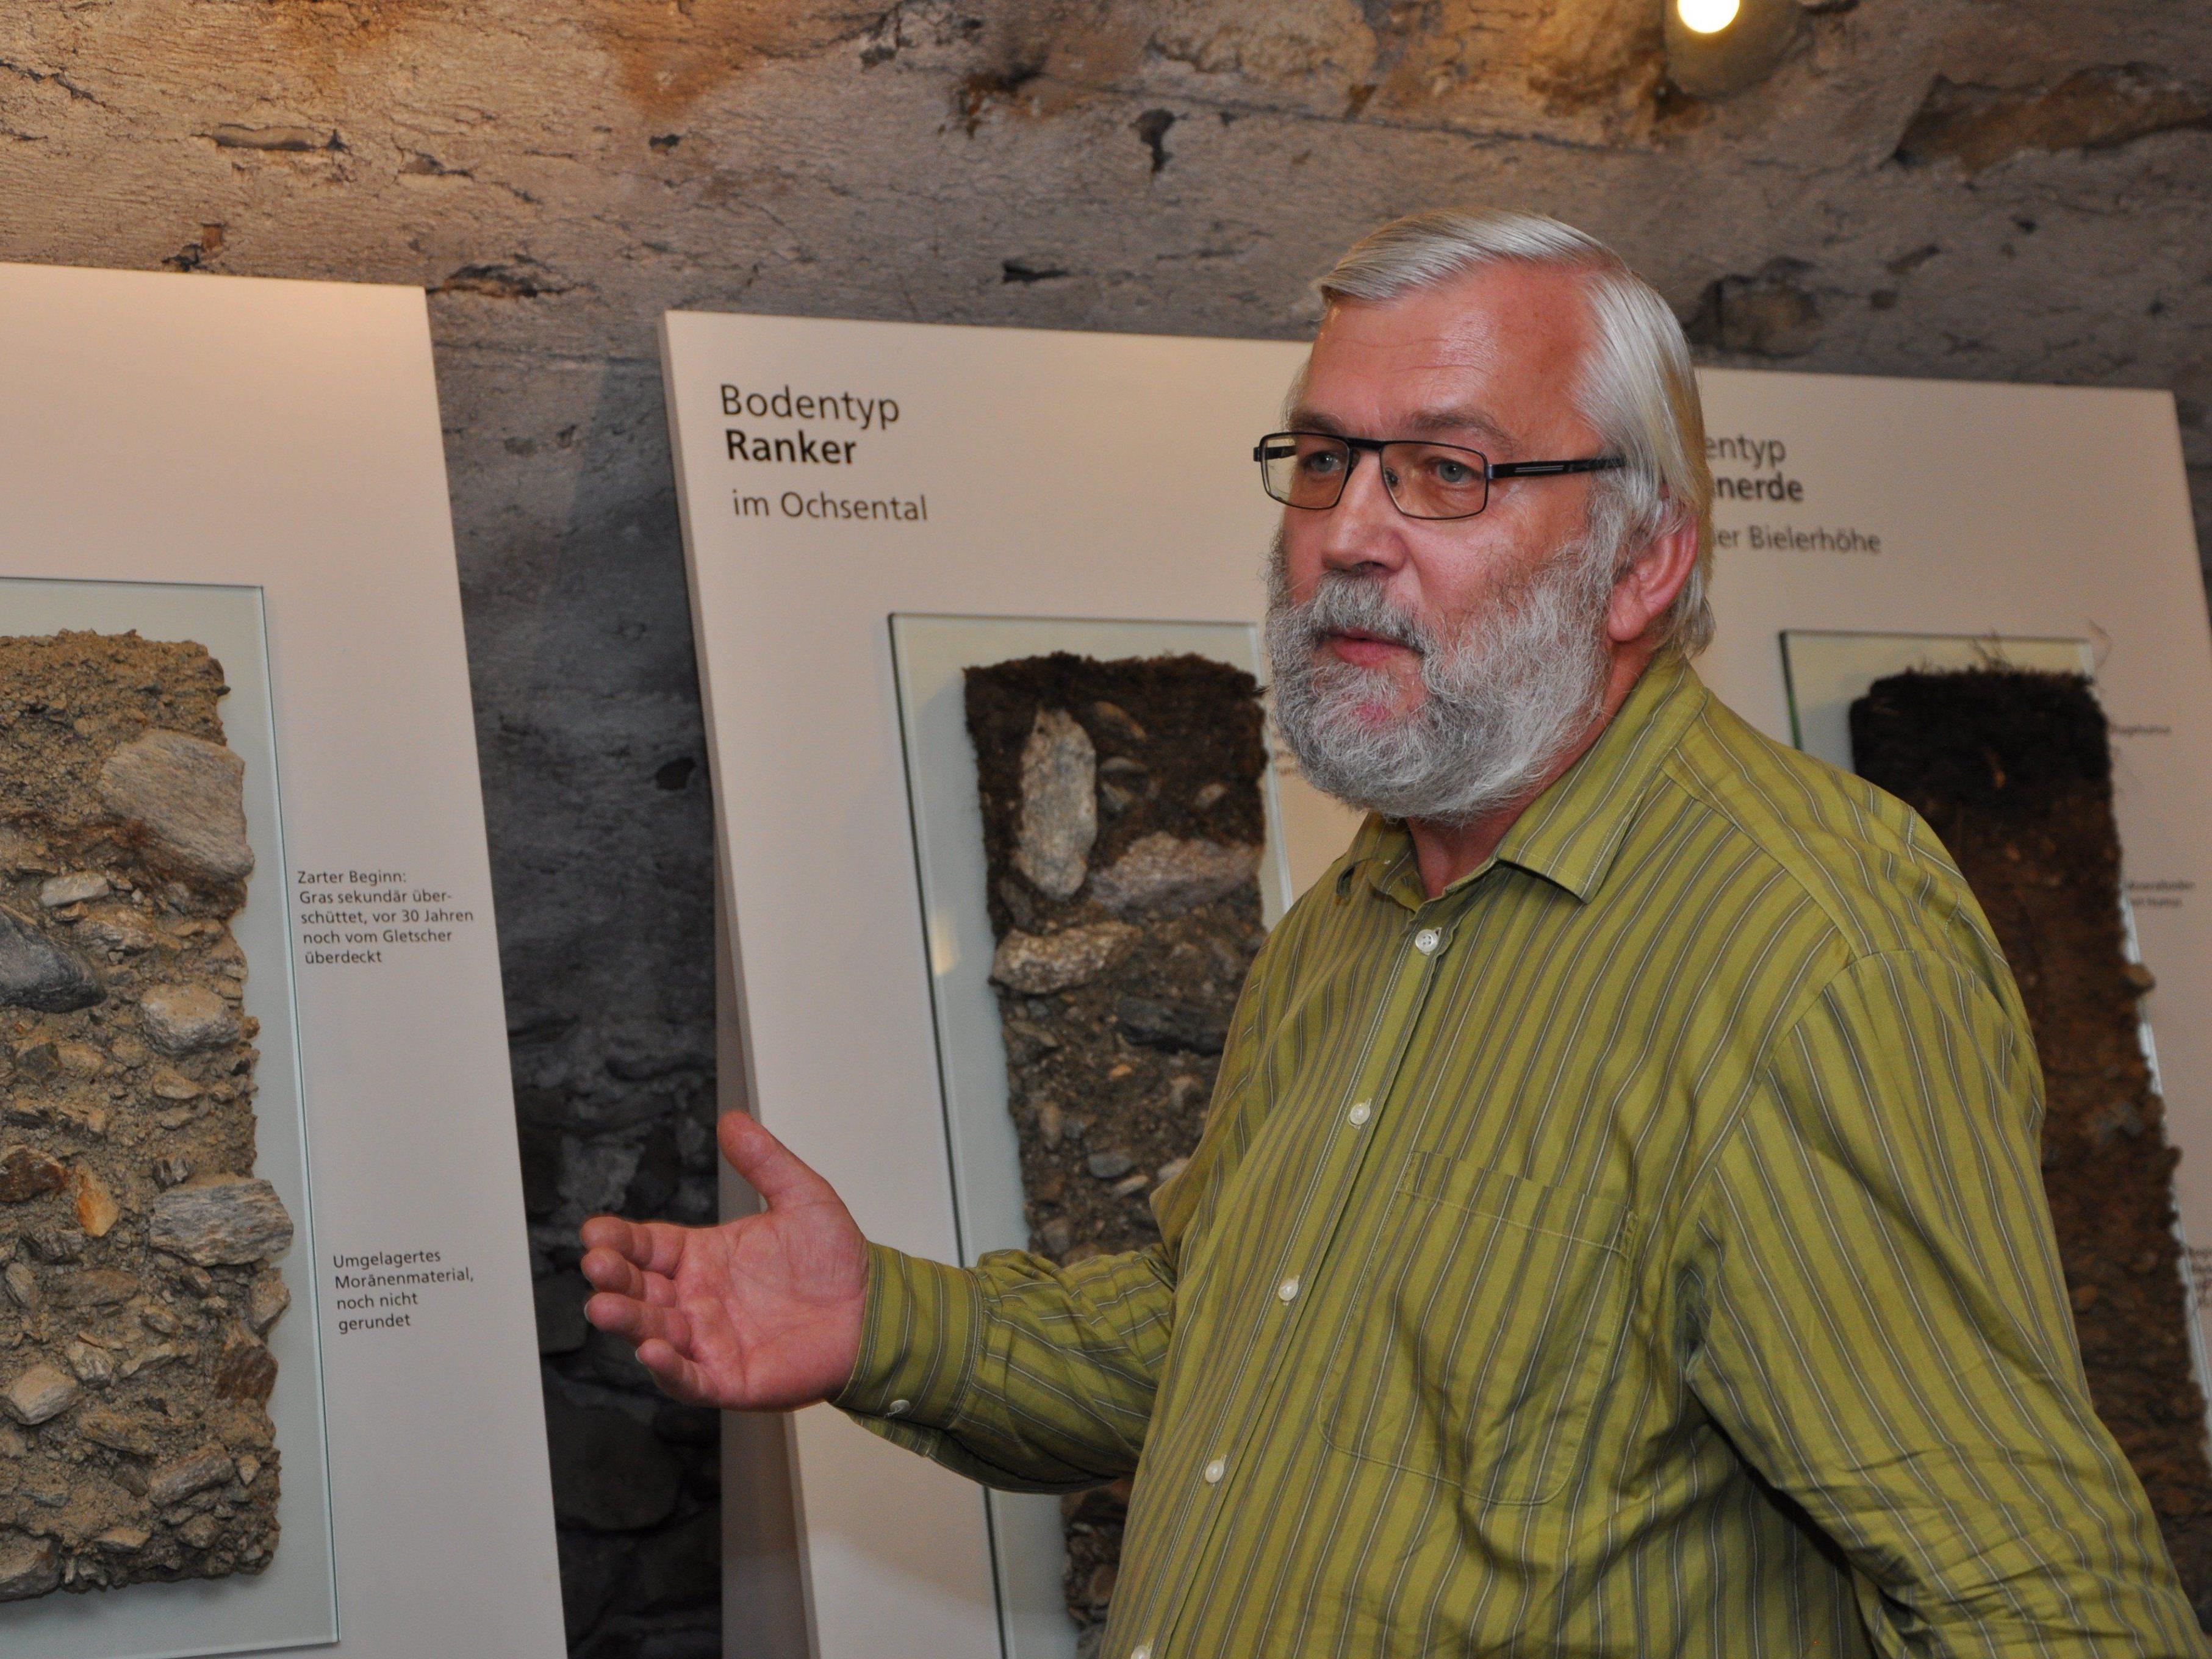 Josef Scherrer vom Umweltinstitut des Landes Vorarlberger führte durch eine beeindruckende Ausstellung.